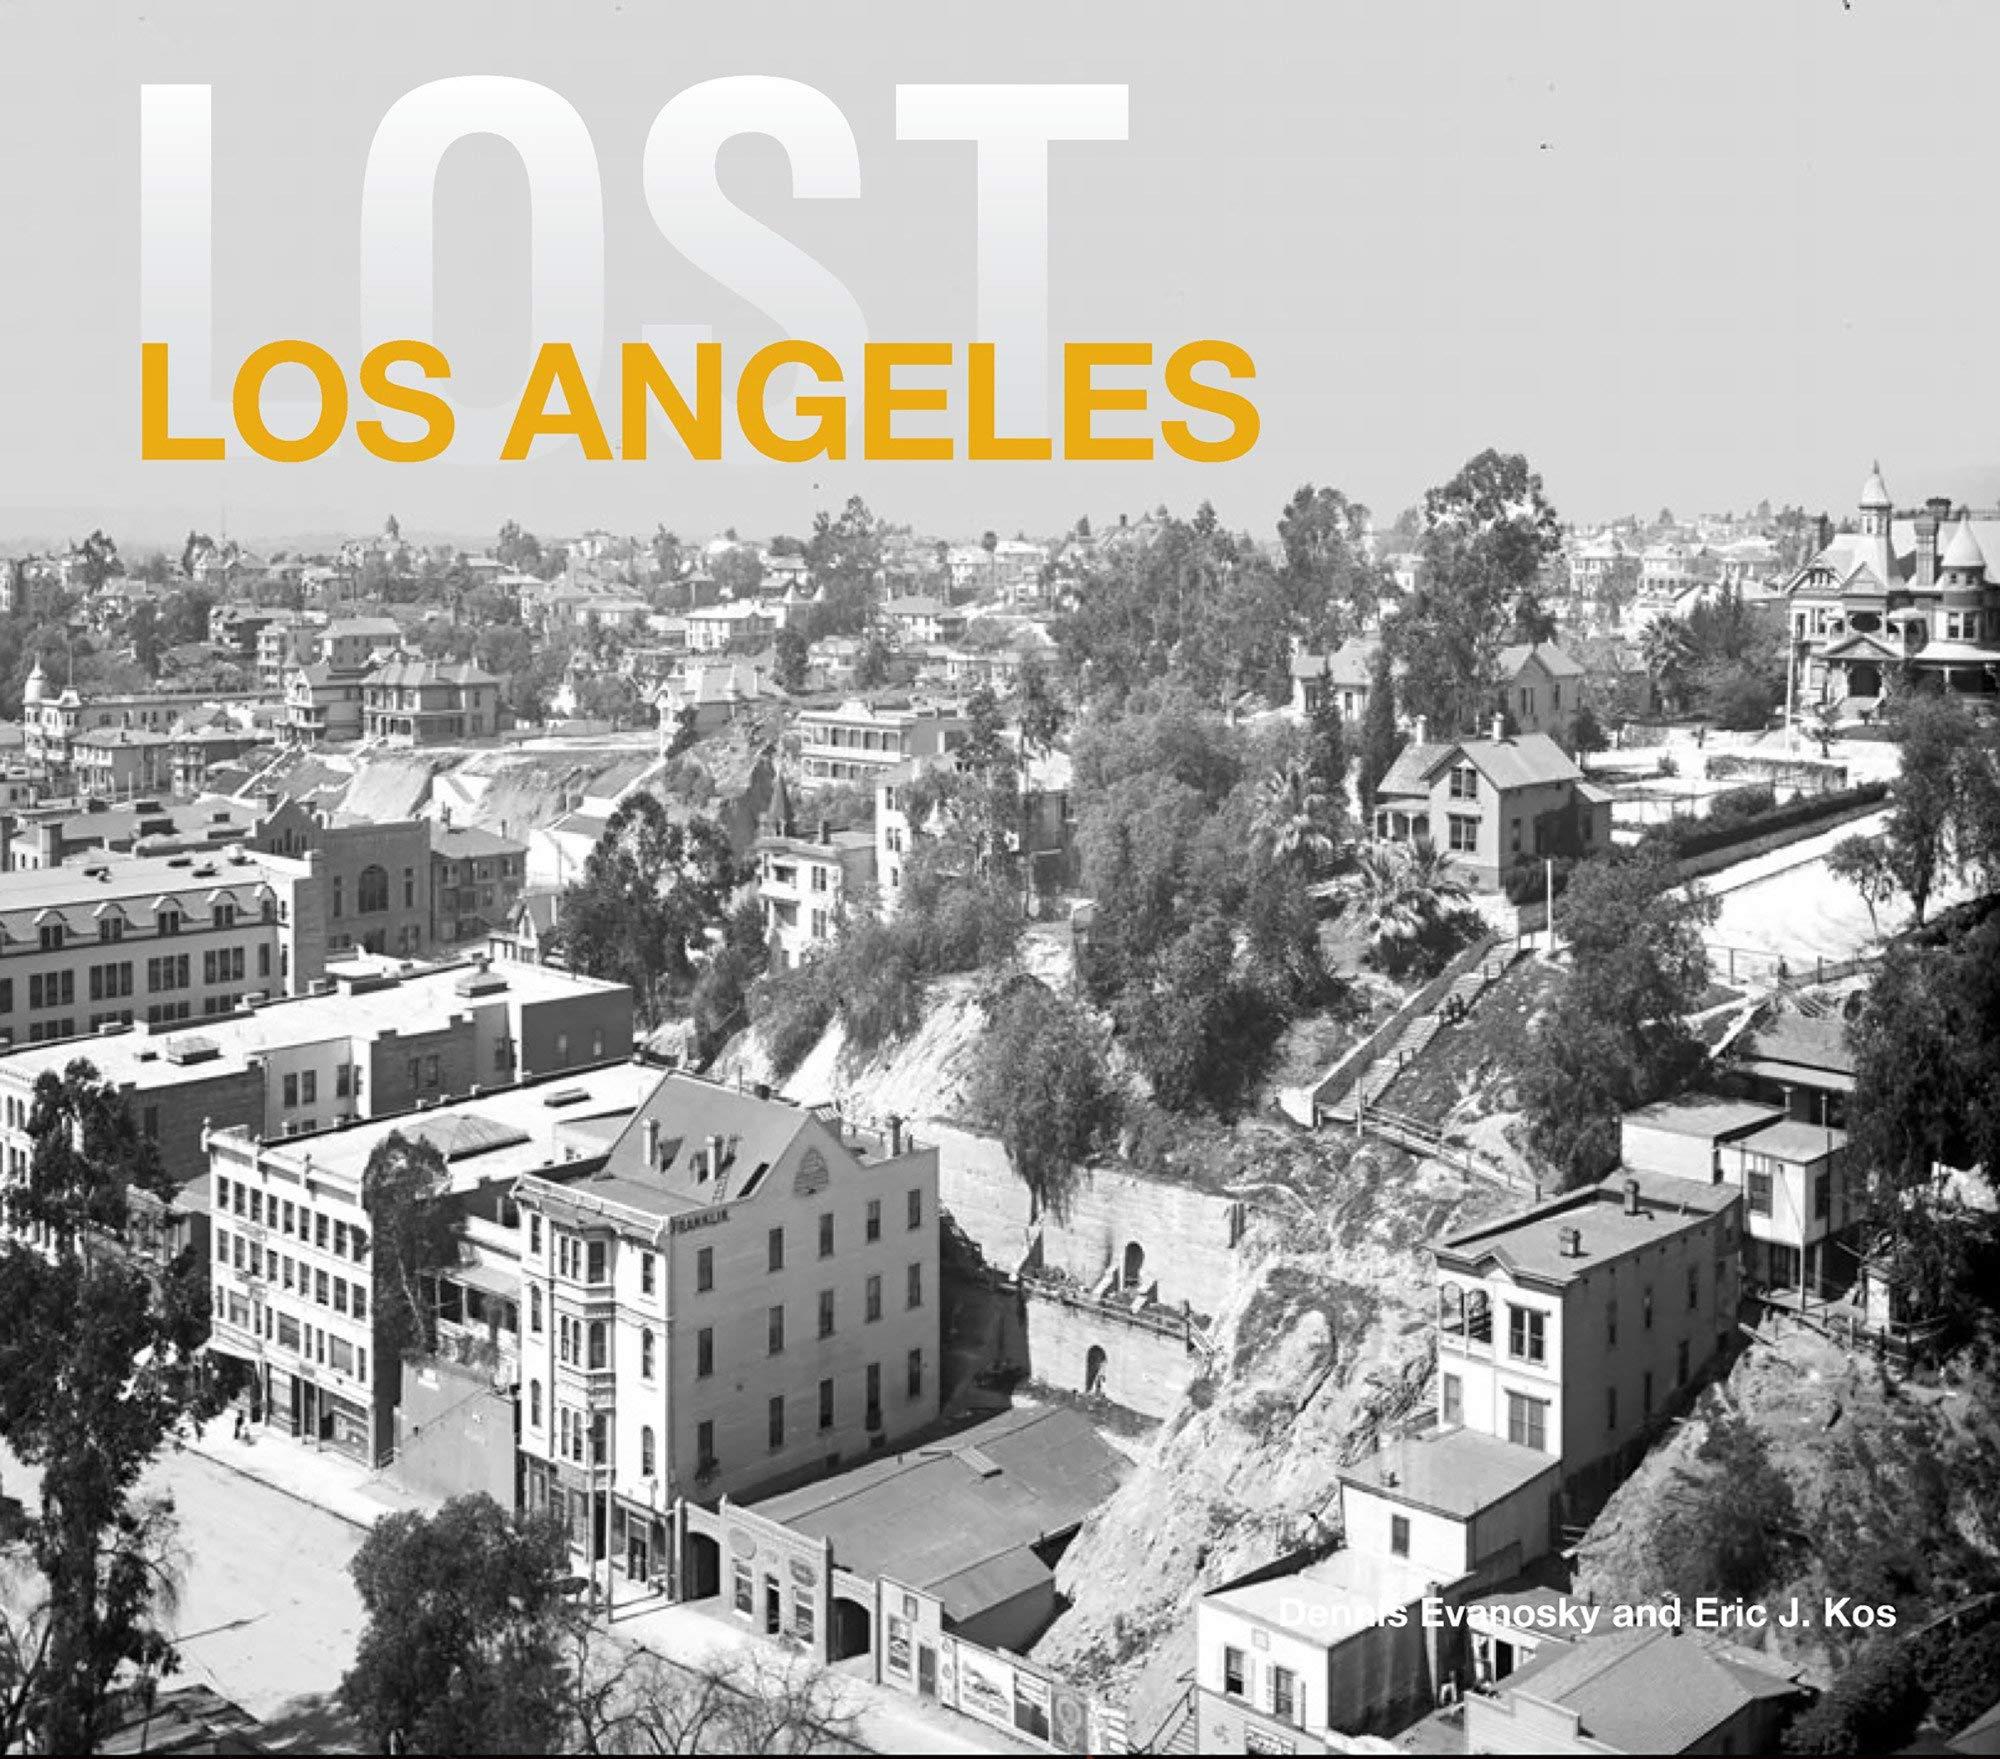 Los Ángeles (L.A.) - Página 2 81Sa1k+jw+L